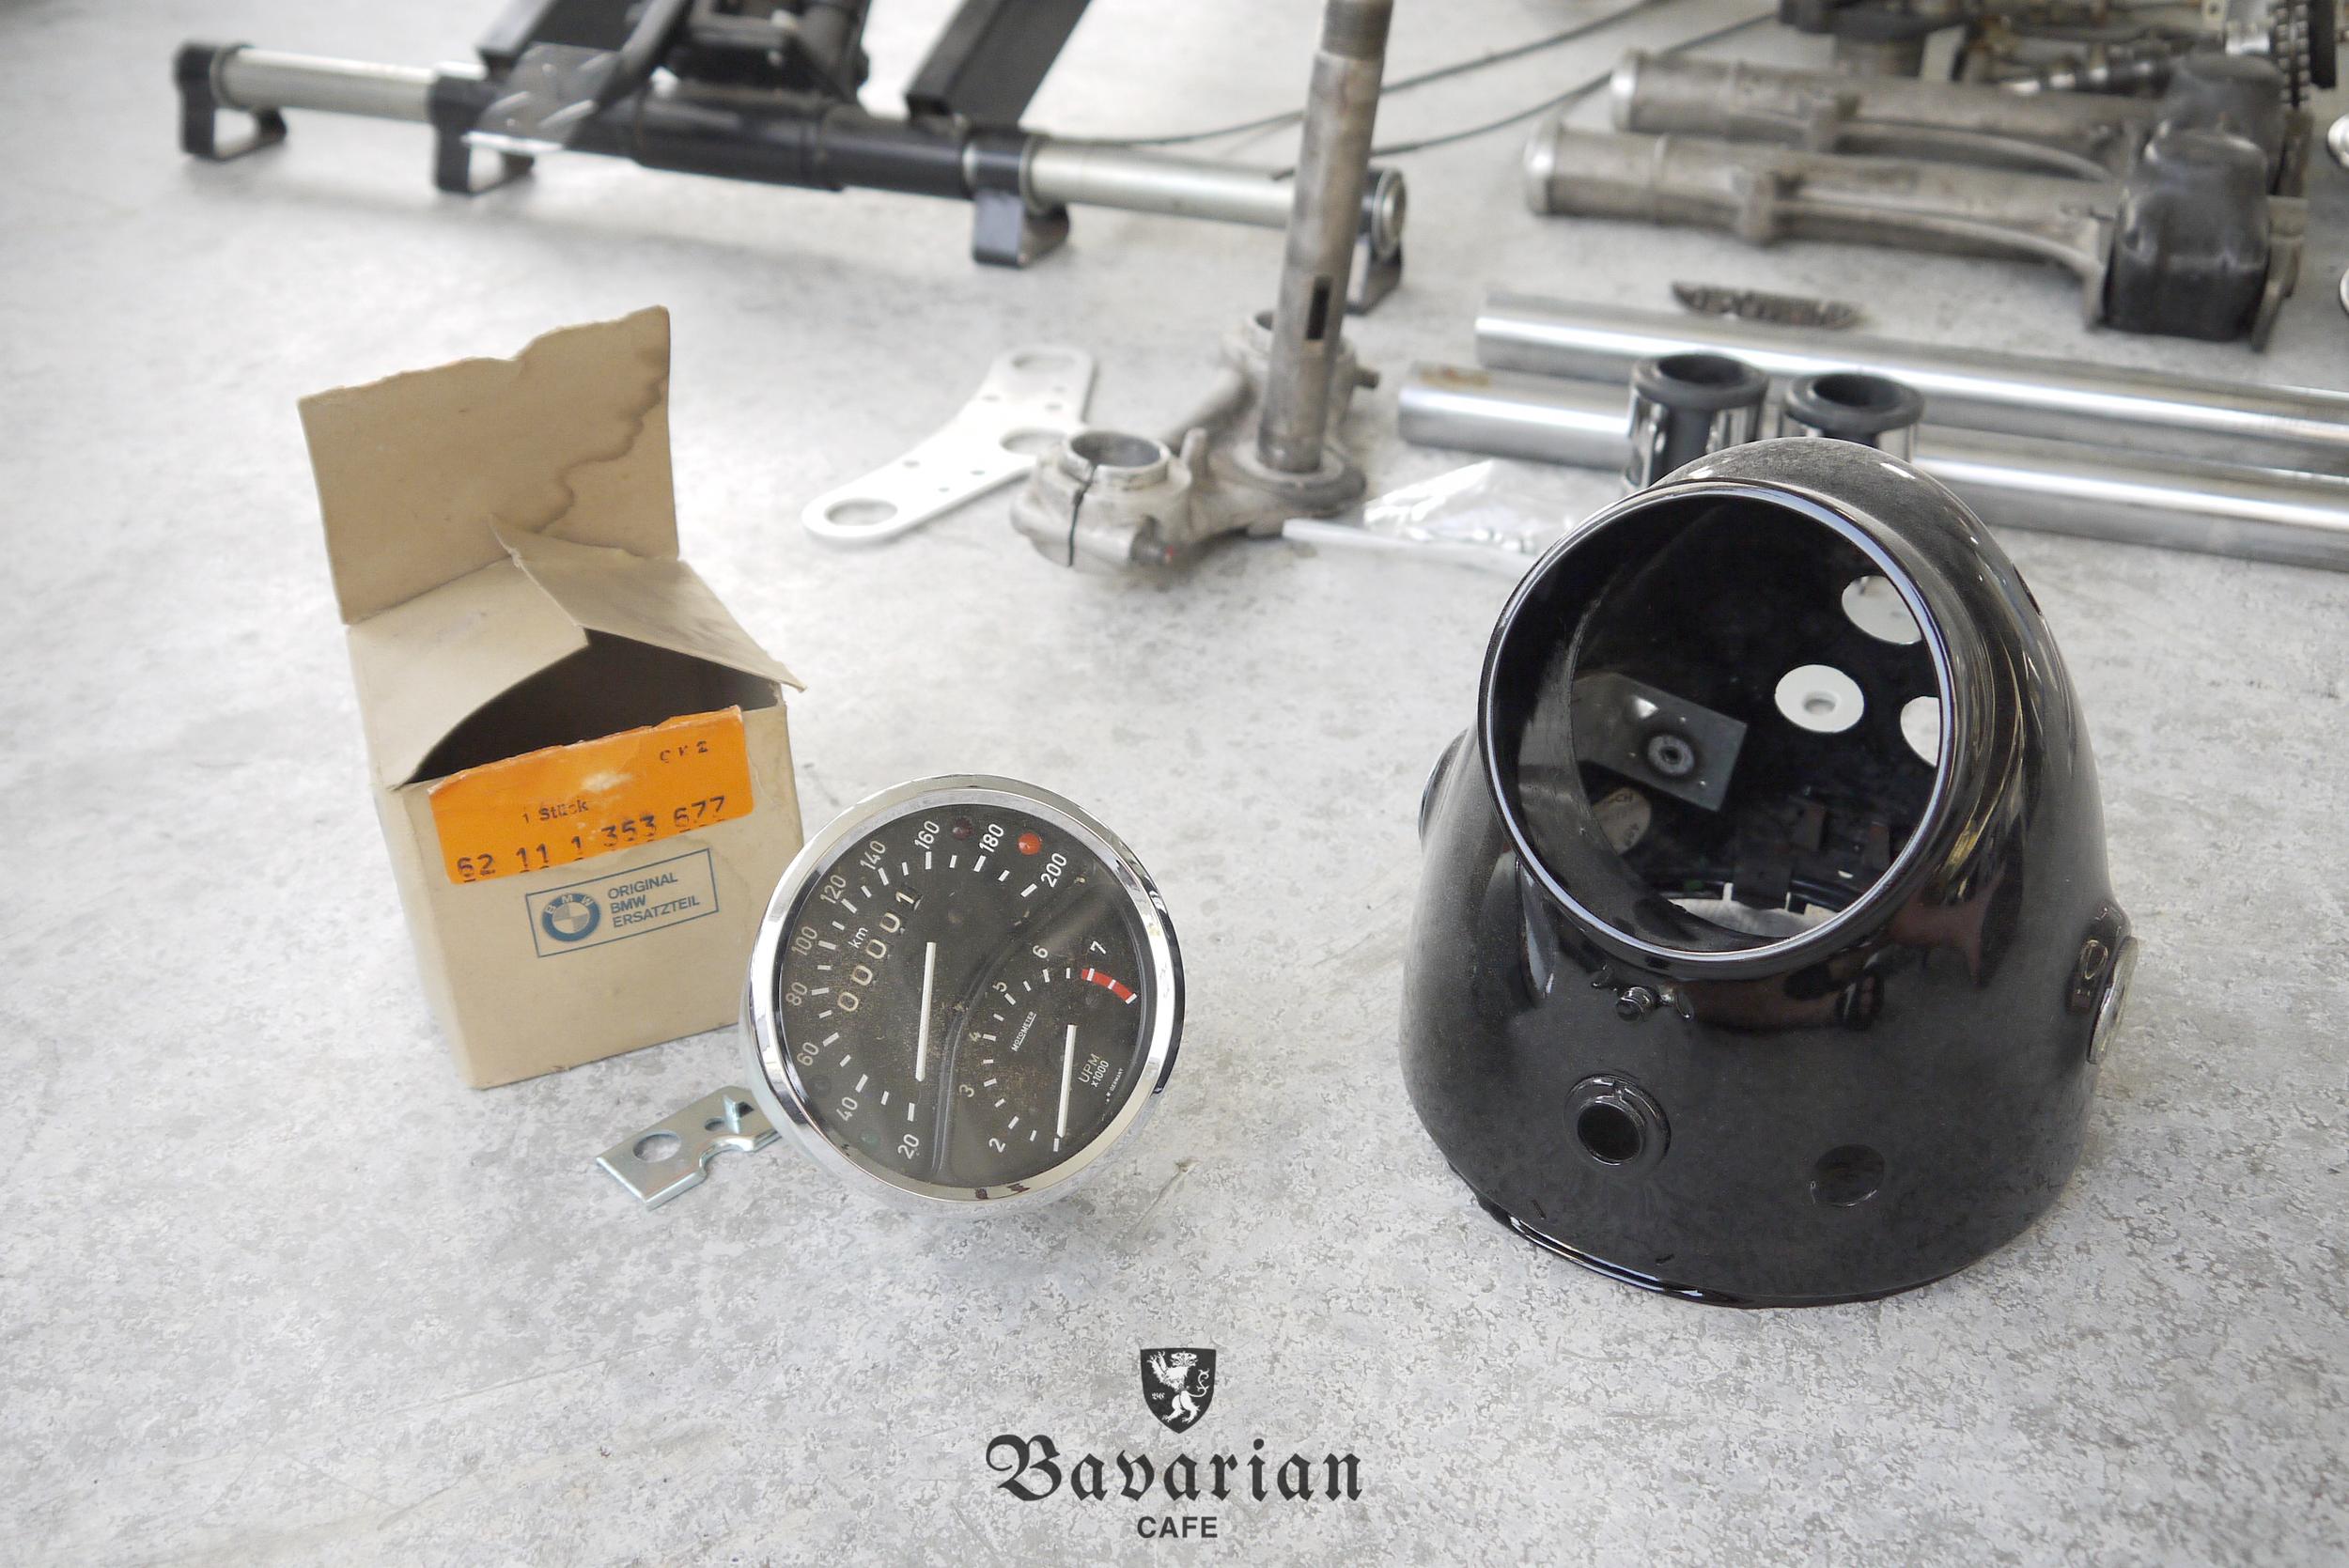 bavarian-cafe-1973-R75S-03-speedometer.jpg